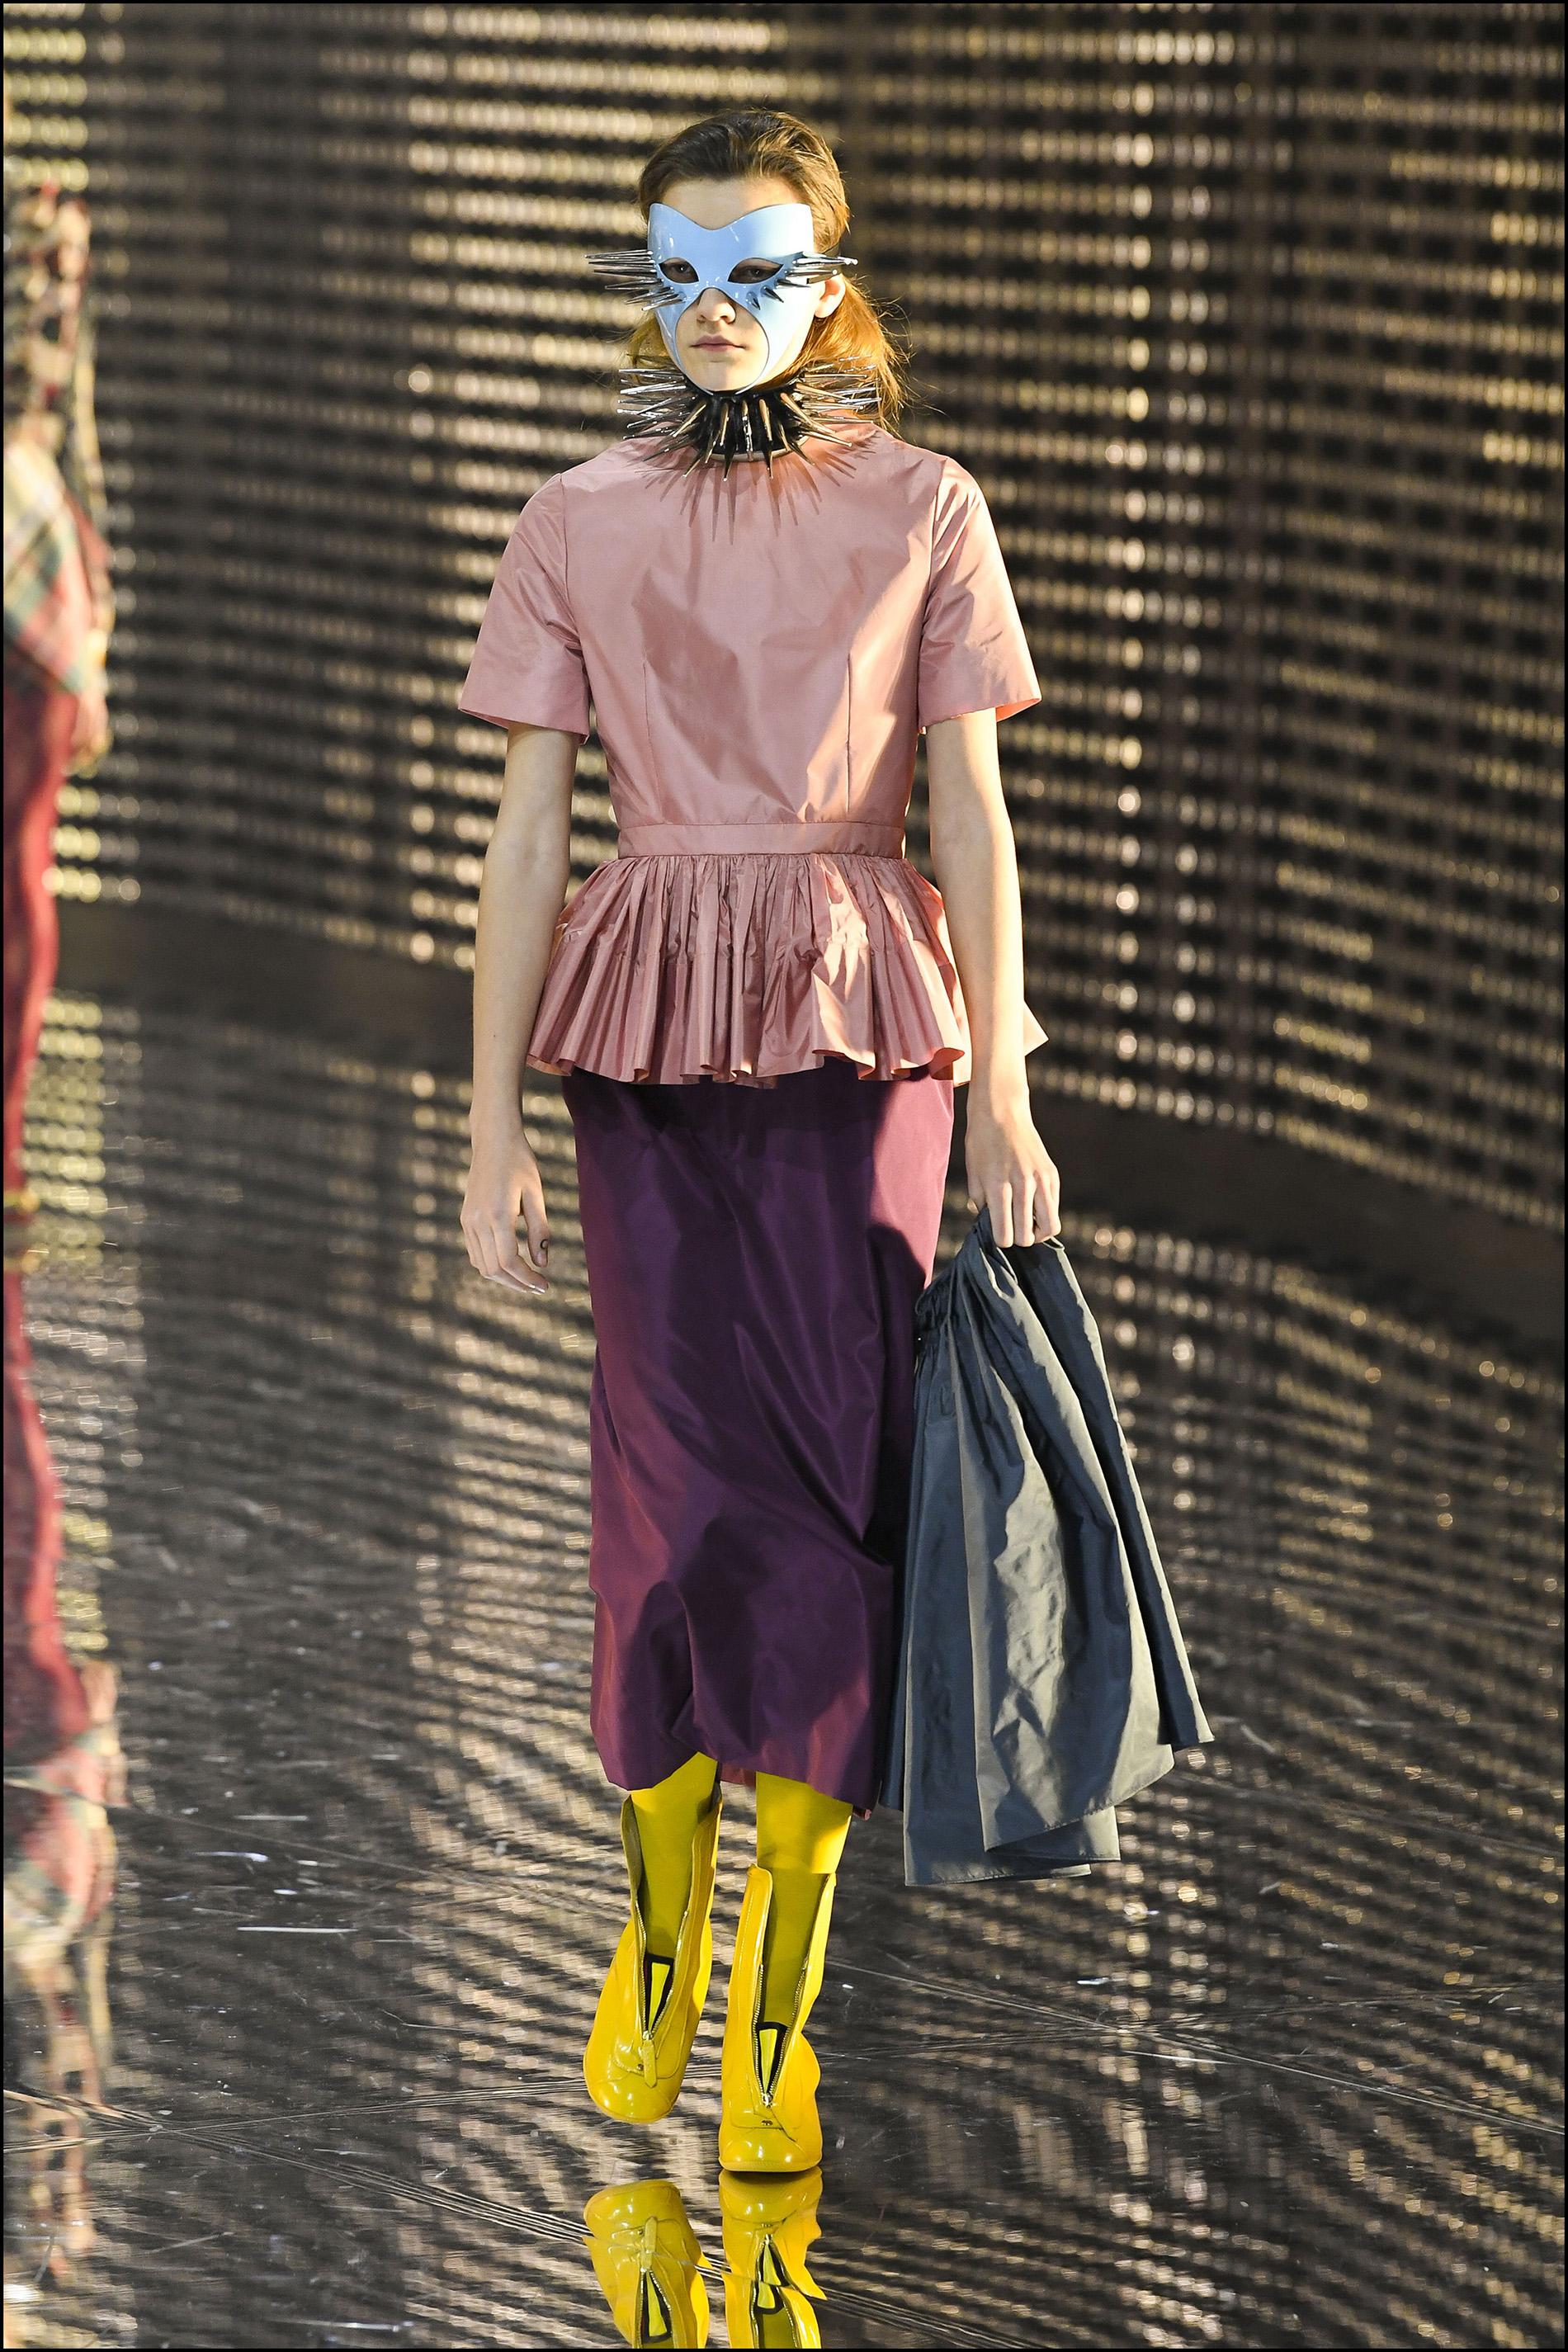 Faldas midi + blusas con péplum + collares con pinchos + máscara.